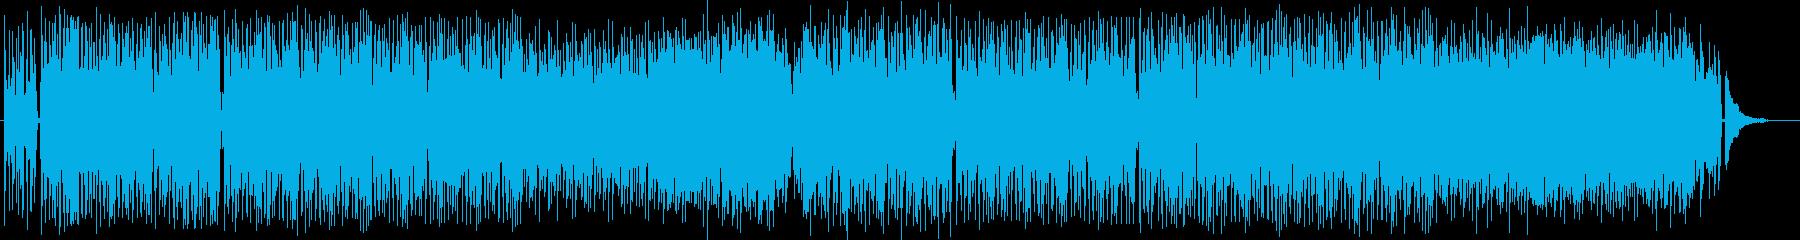 おしゃれでドラマ感のピアノギターサウンドの再生済みの波形